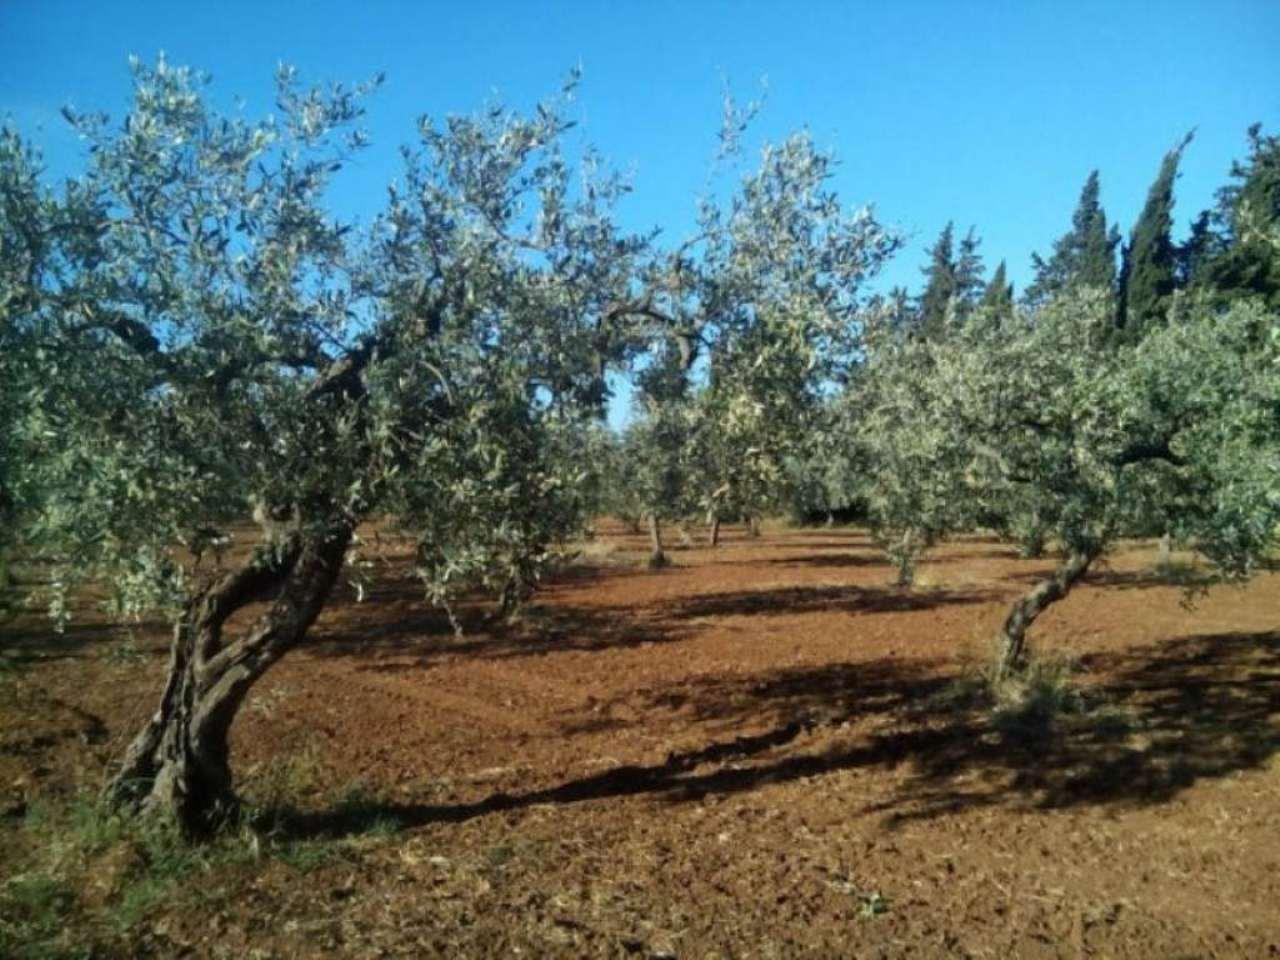 Terreno Agricolo in vendita a Castelvetrano, 9999 locali, prezzo € 20.000 | Cambio Casa.it